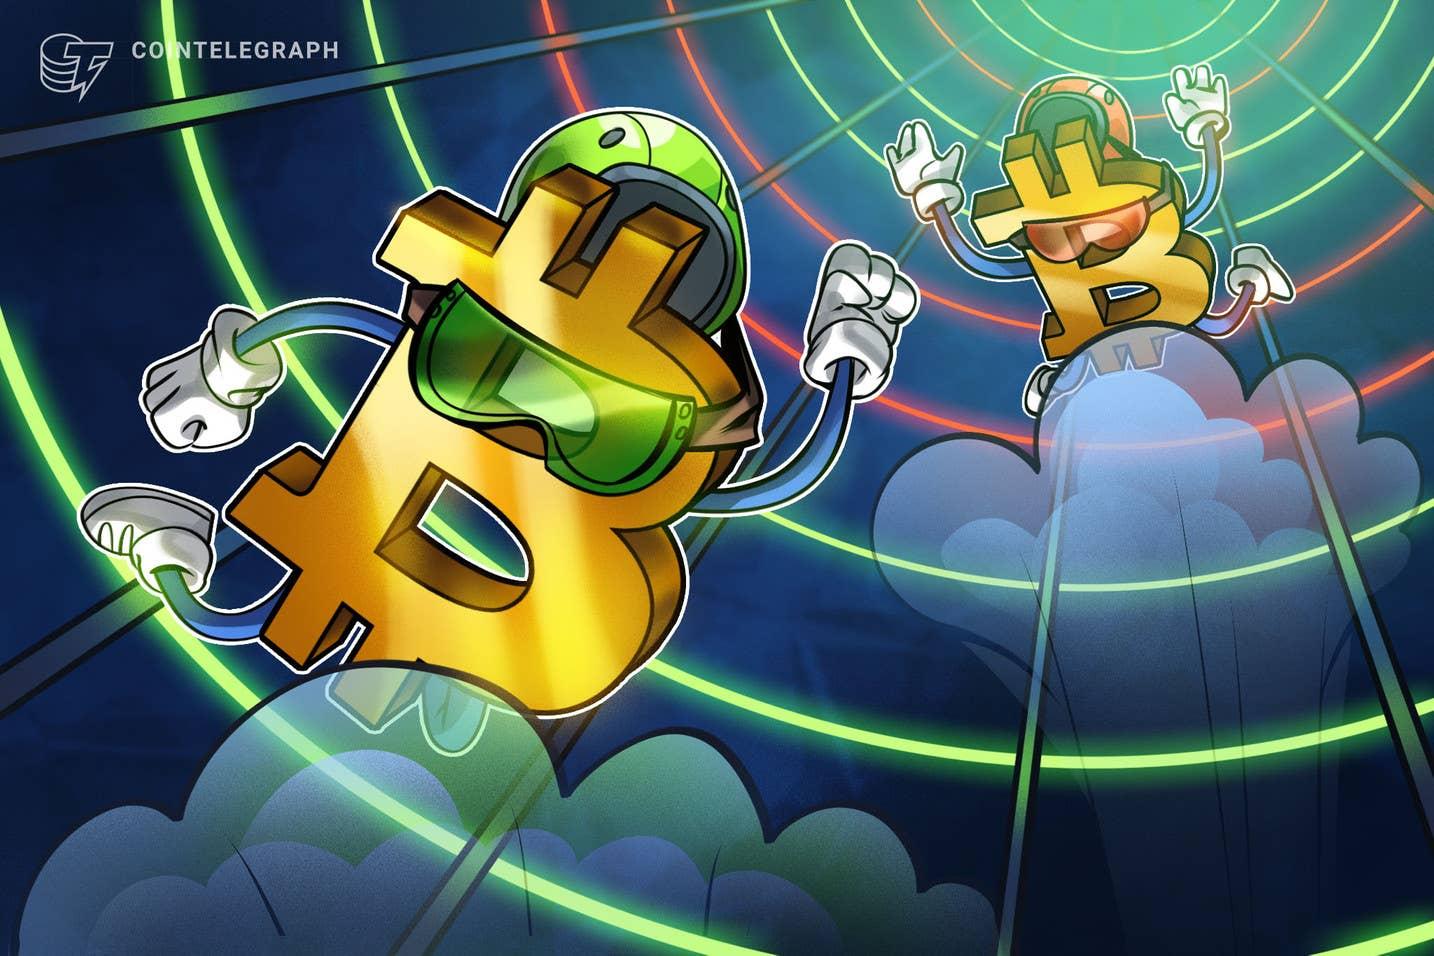 Os compradores de Bitcoin estão prestes a desencadear uma corrida para novos picos de preço do BTC, os dados sugerem